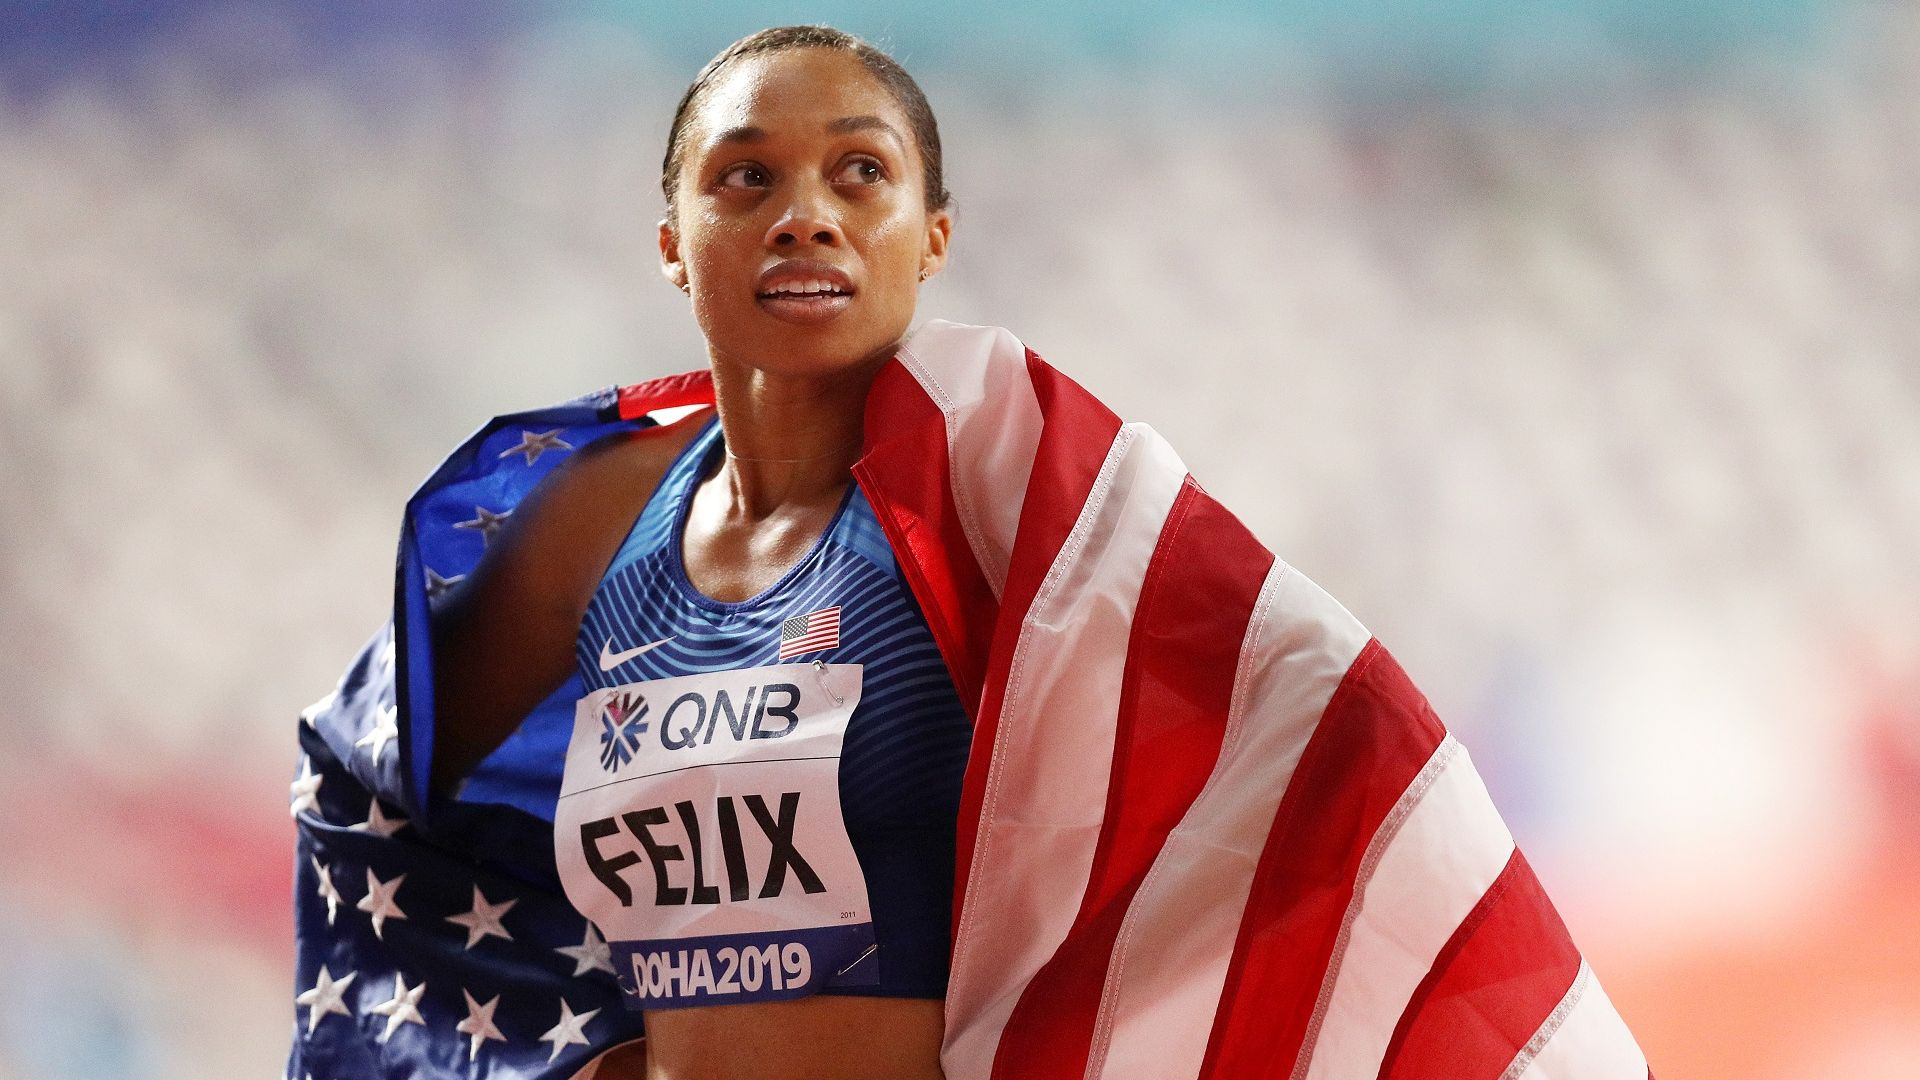 Американските атлети сами ще си правят допинг тестове по време на пандемията